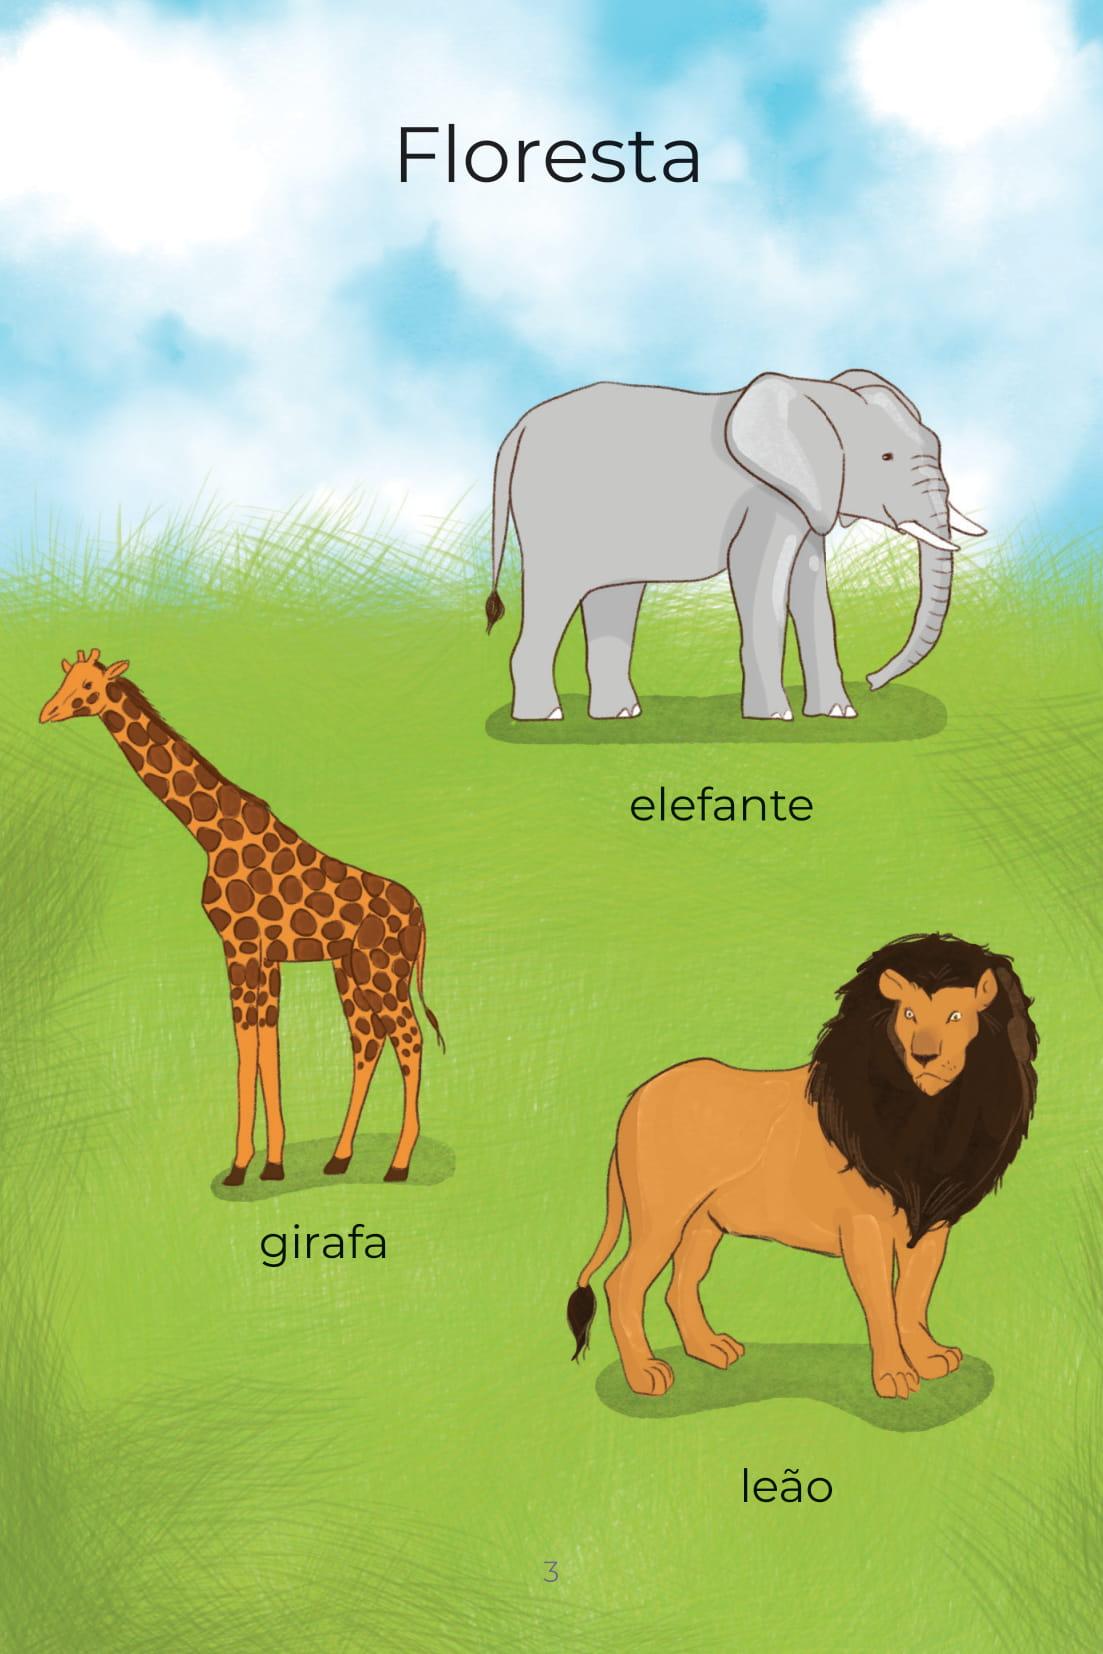 Floresta elefante girafa leão